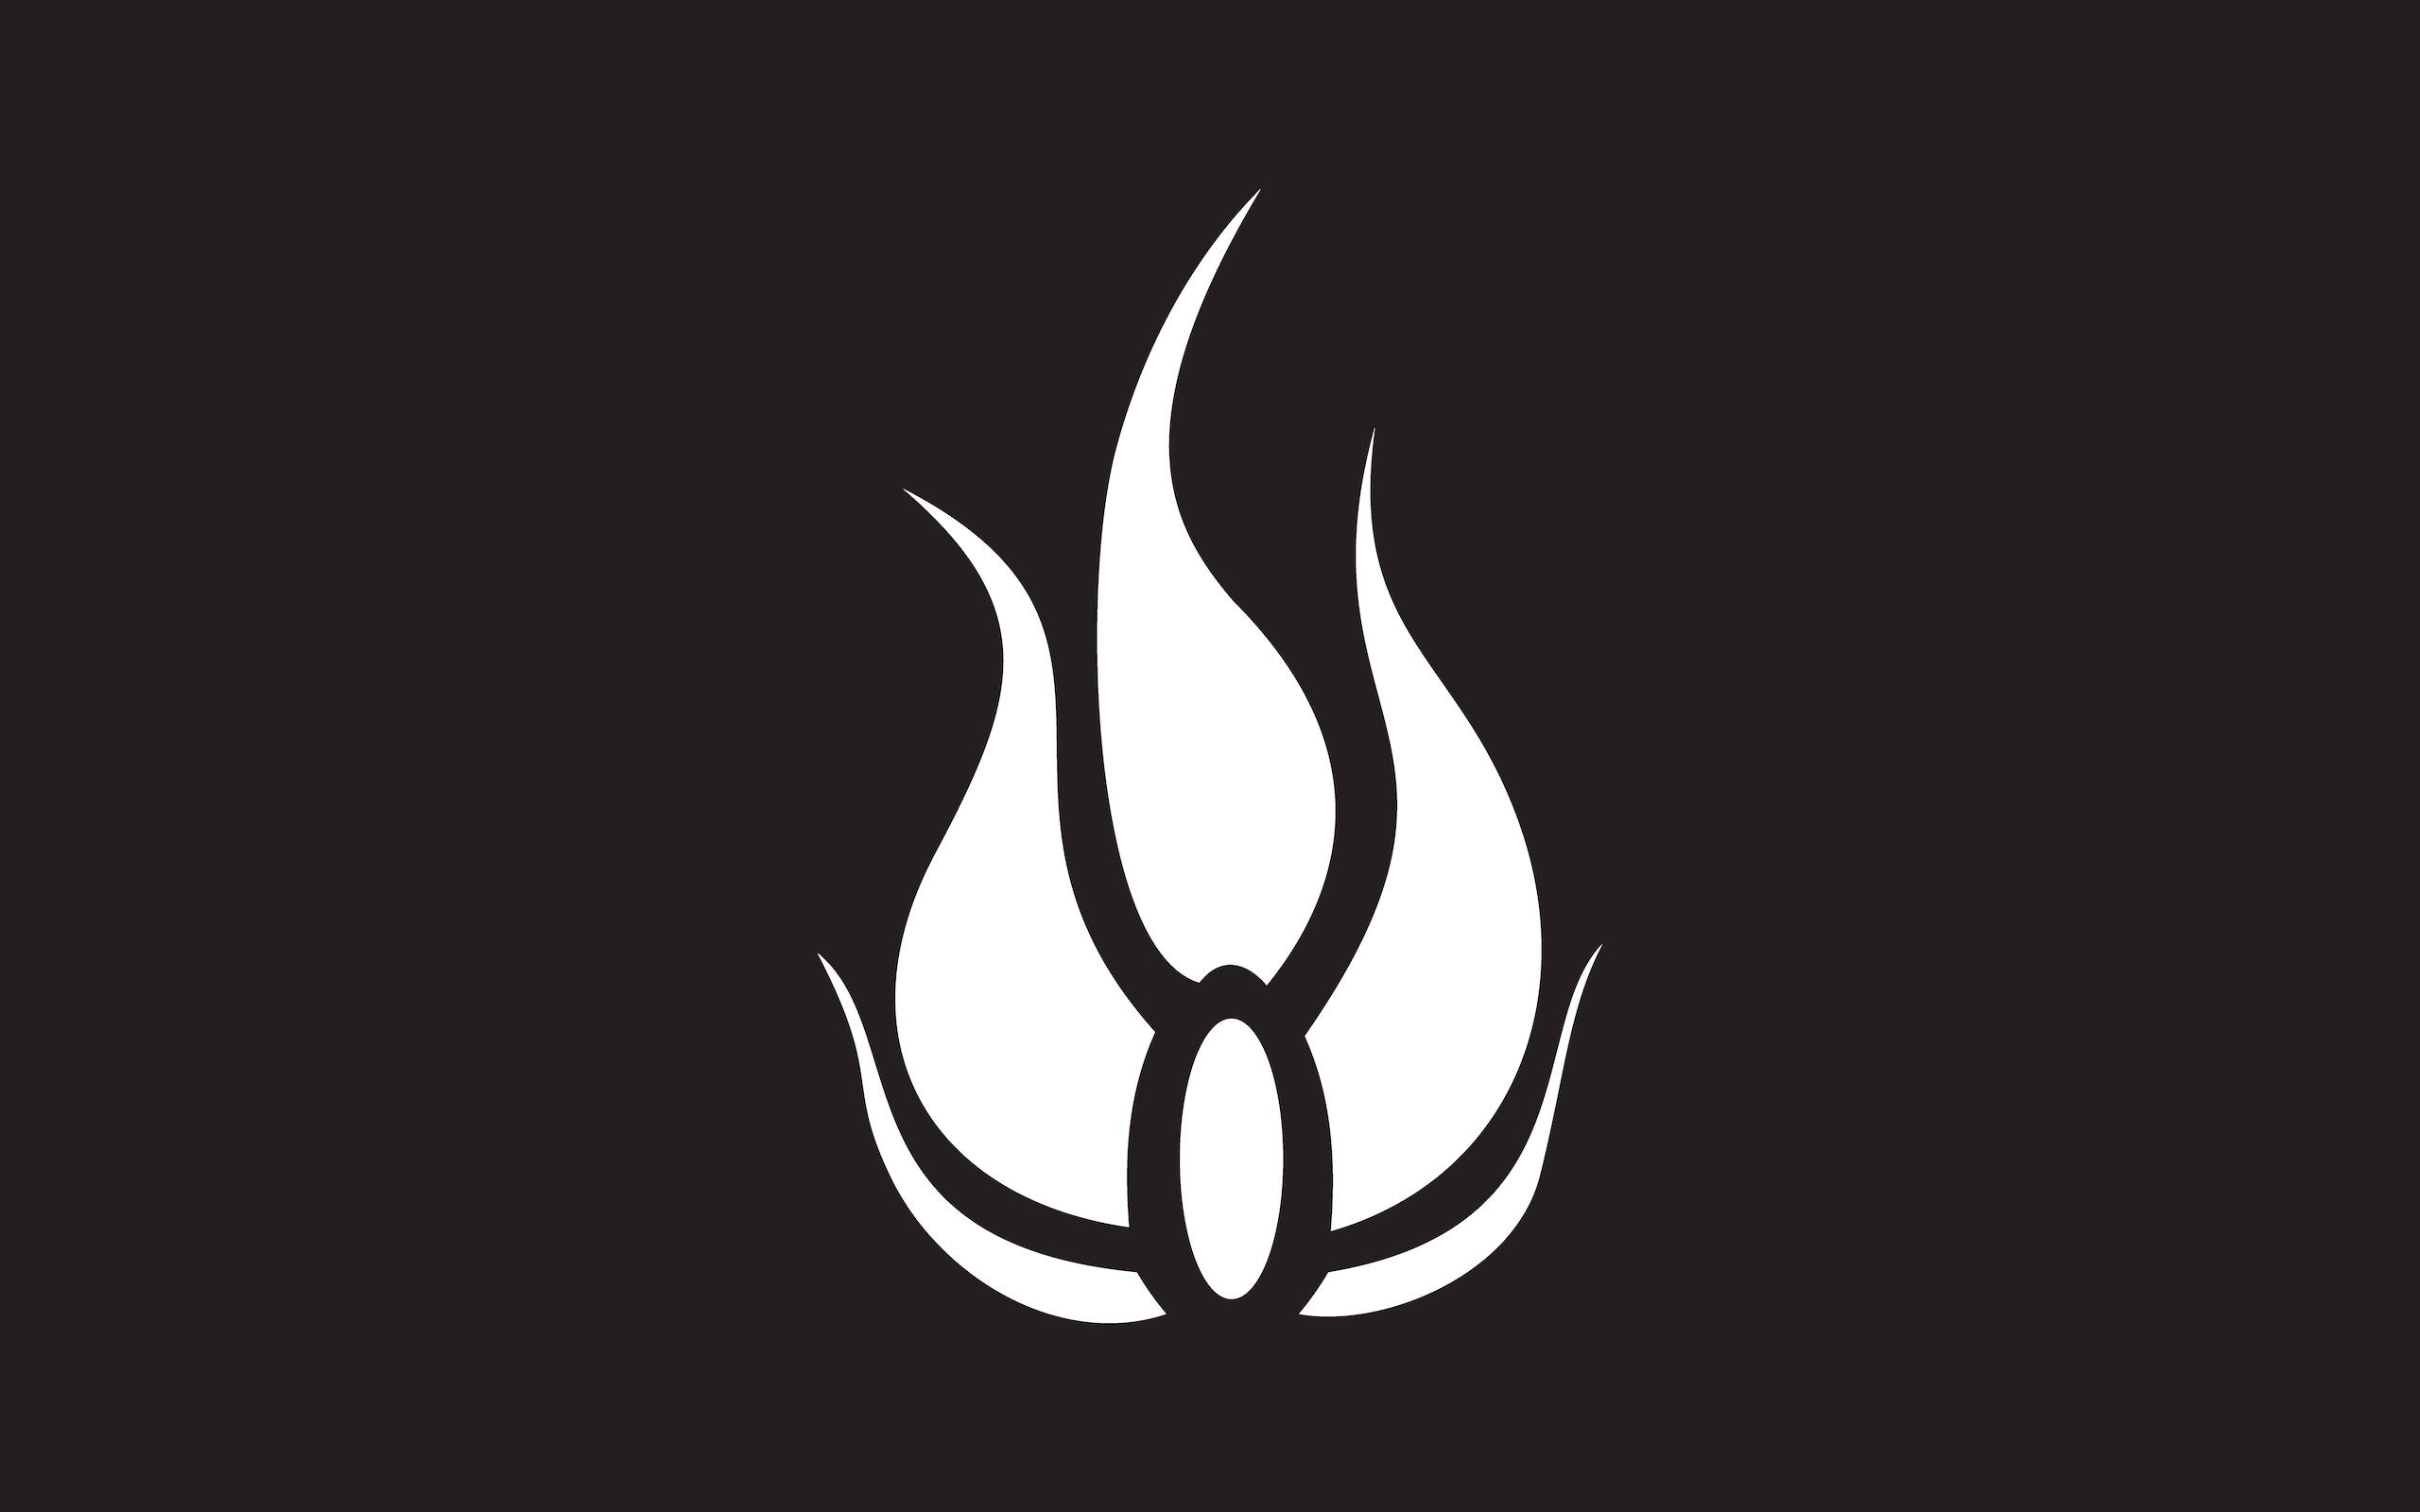 Blake's Emblem